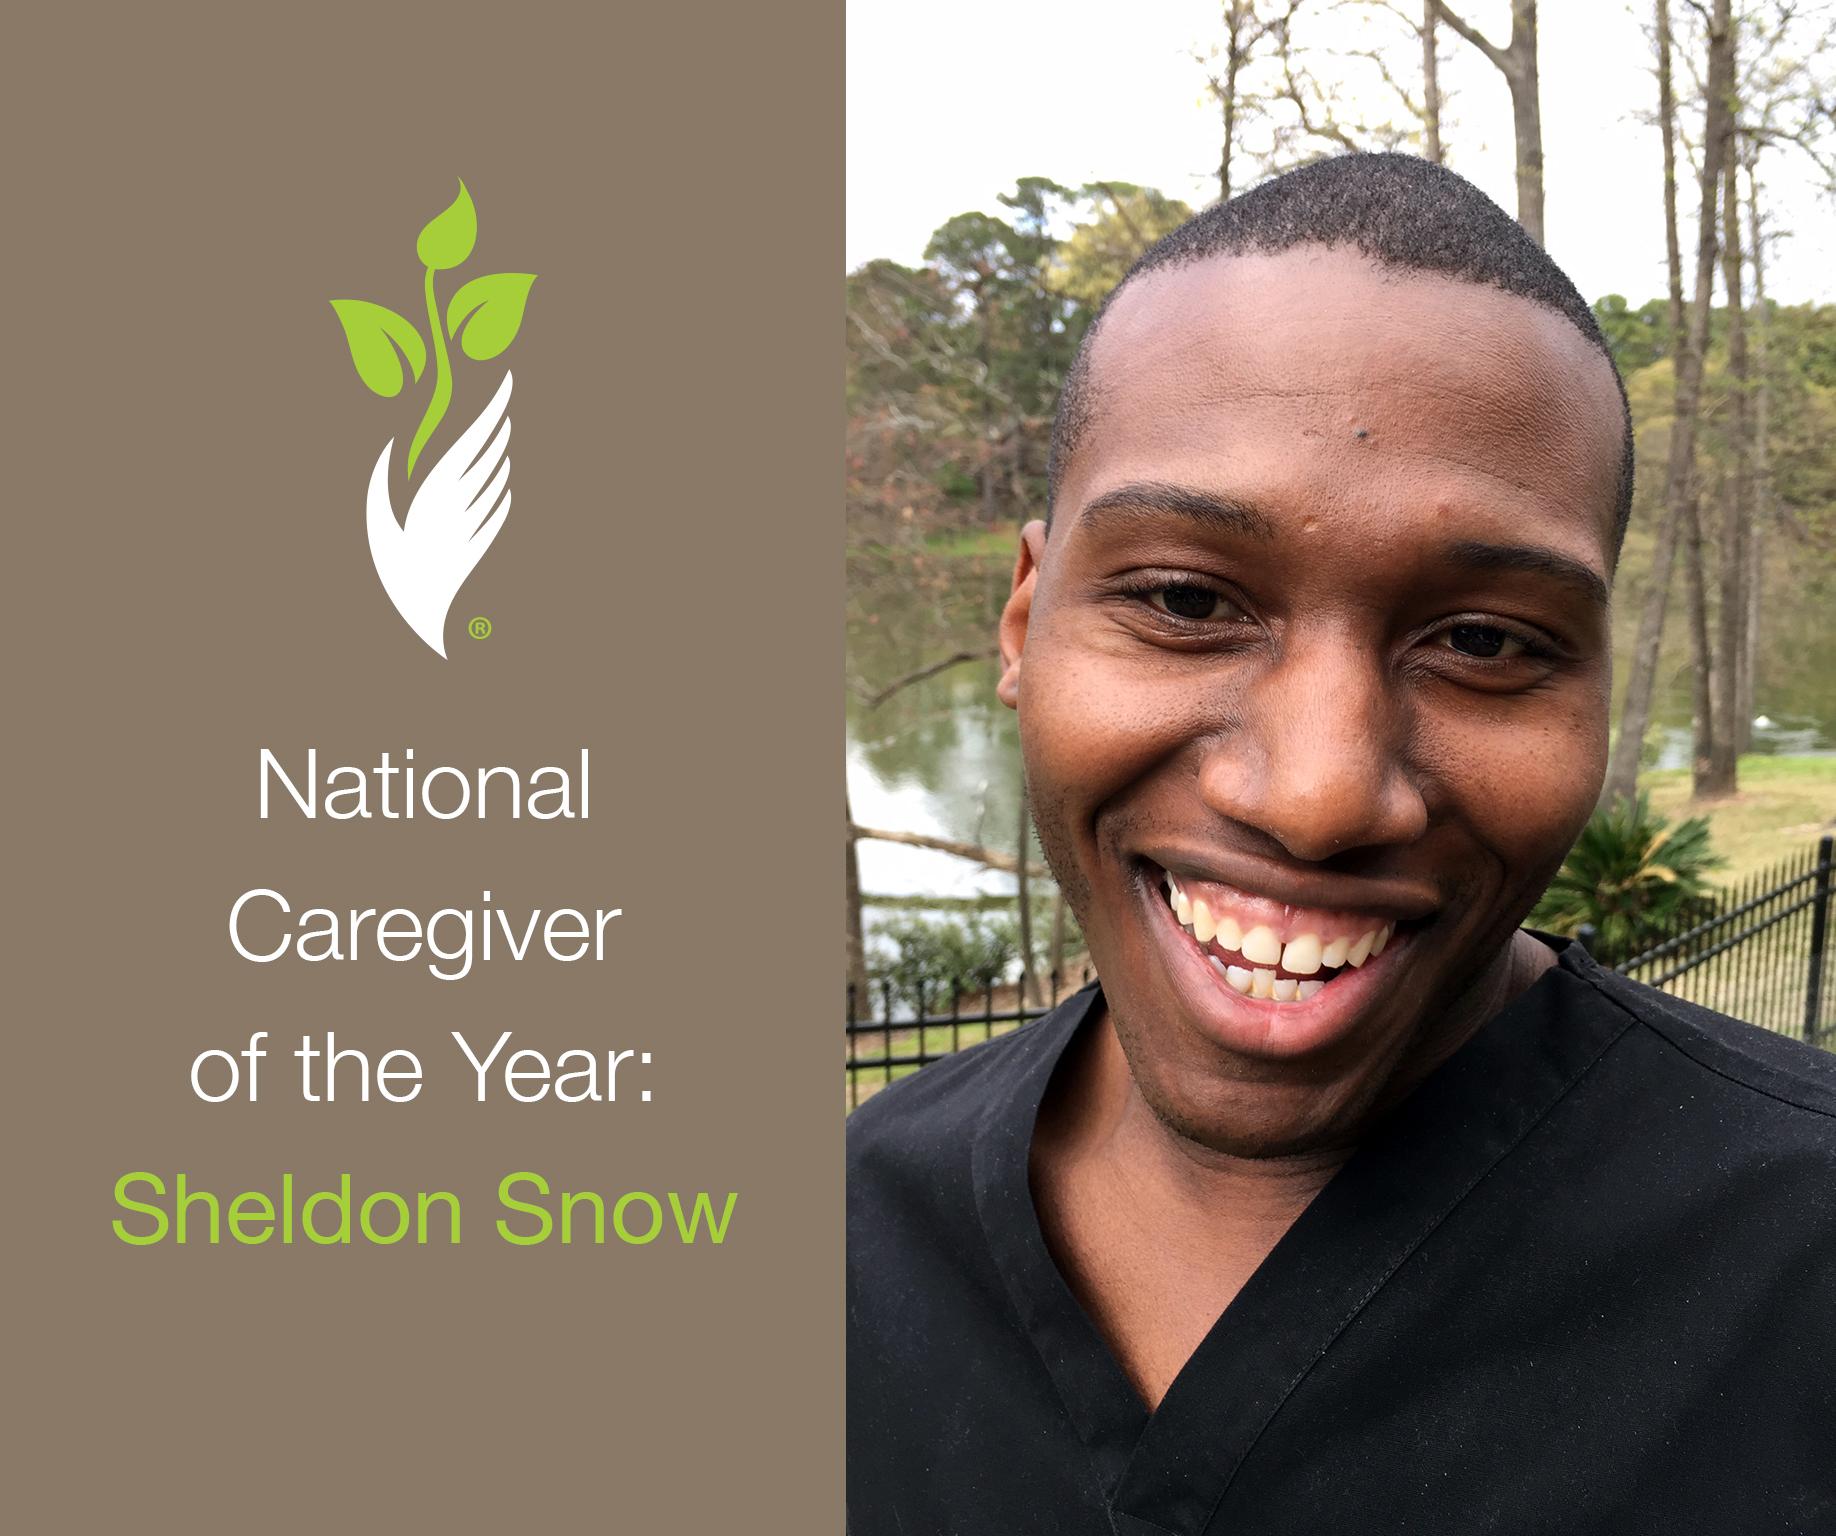 sheldon_snow_caregiver